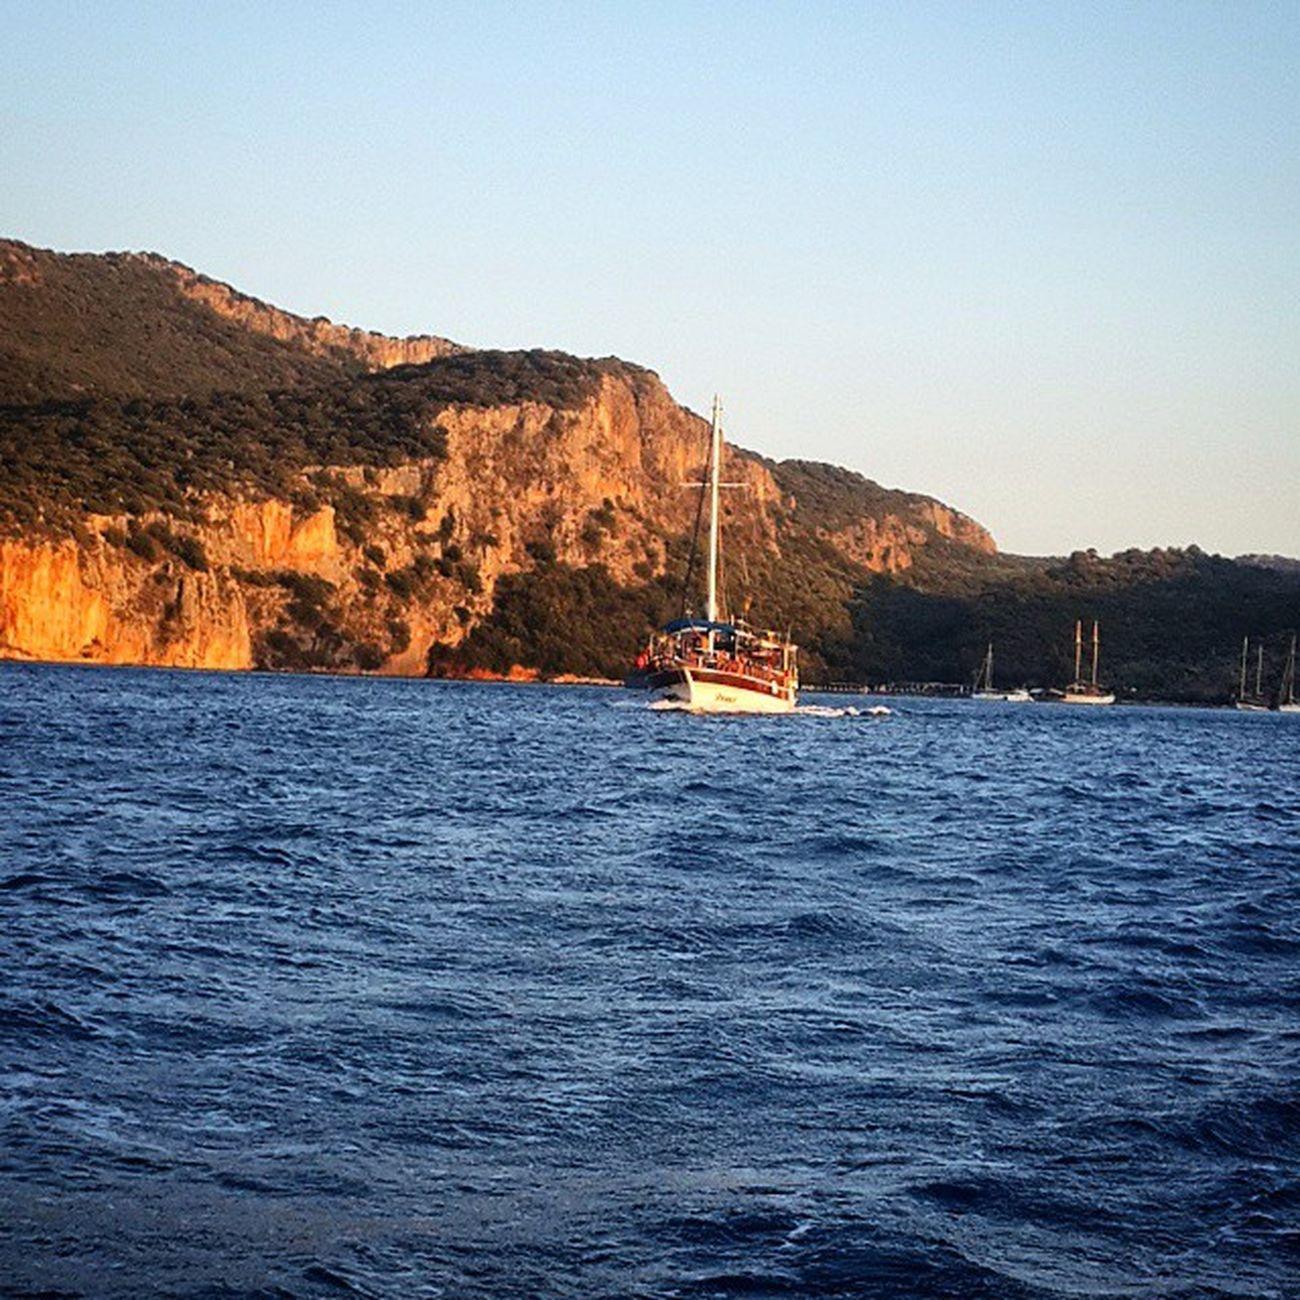 Kaş. Holiday Kas Sea Akdeniz cool instalove igers instagrammers instalove instagood instamood instacool regram instamag